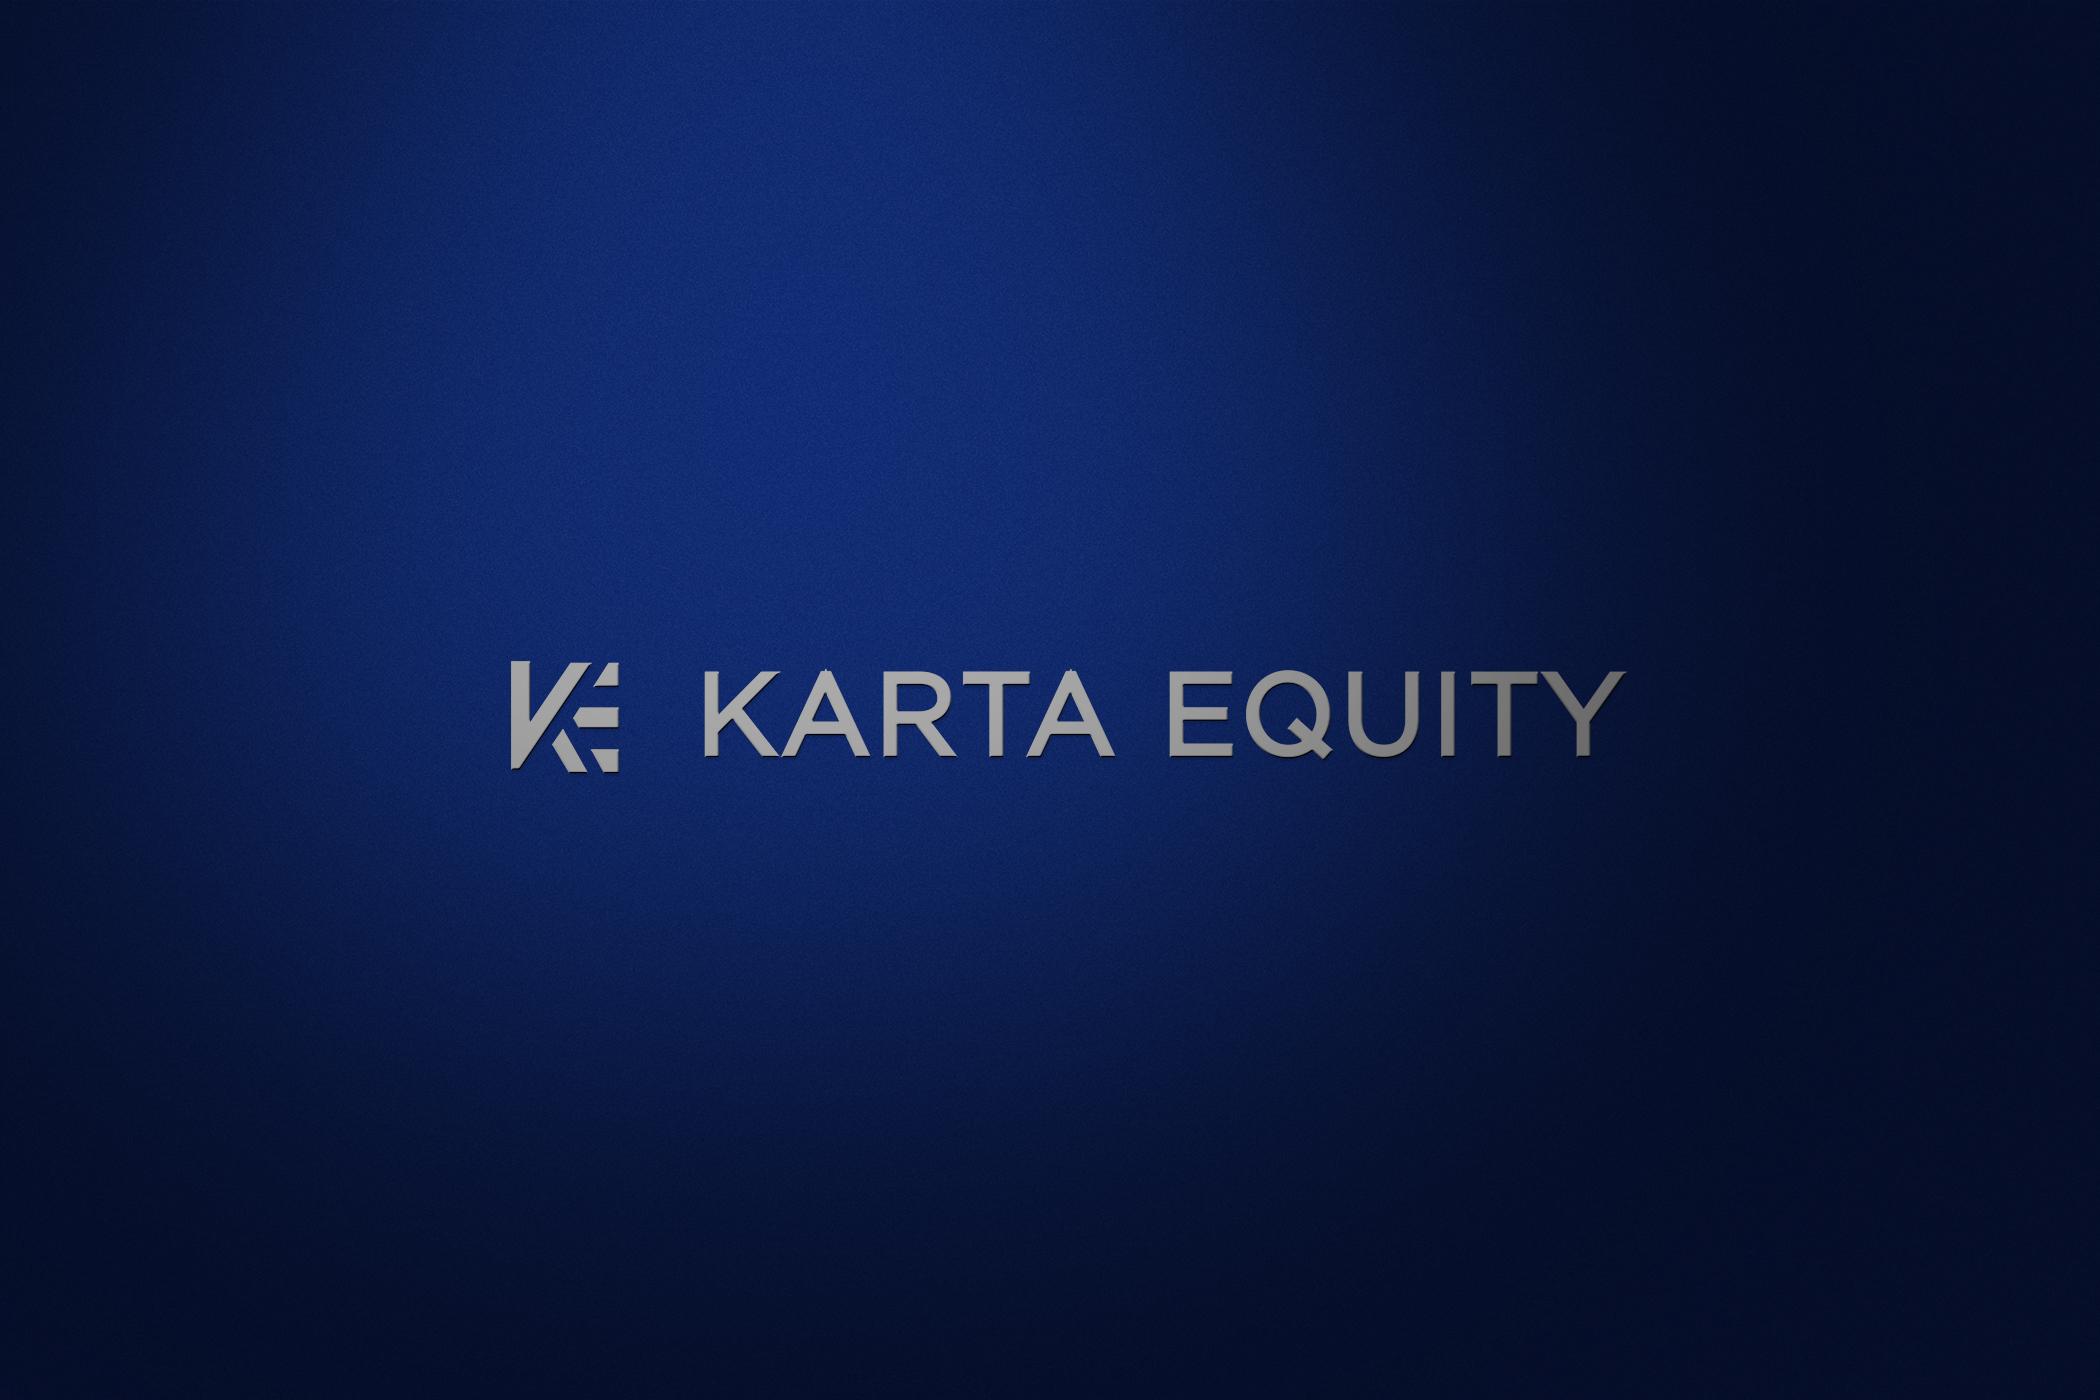 Логотип для компании инвестироваюшей в жилую недвижимость фото f_0275e1b6de525014.jpg